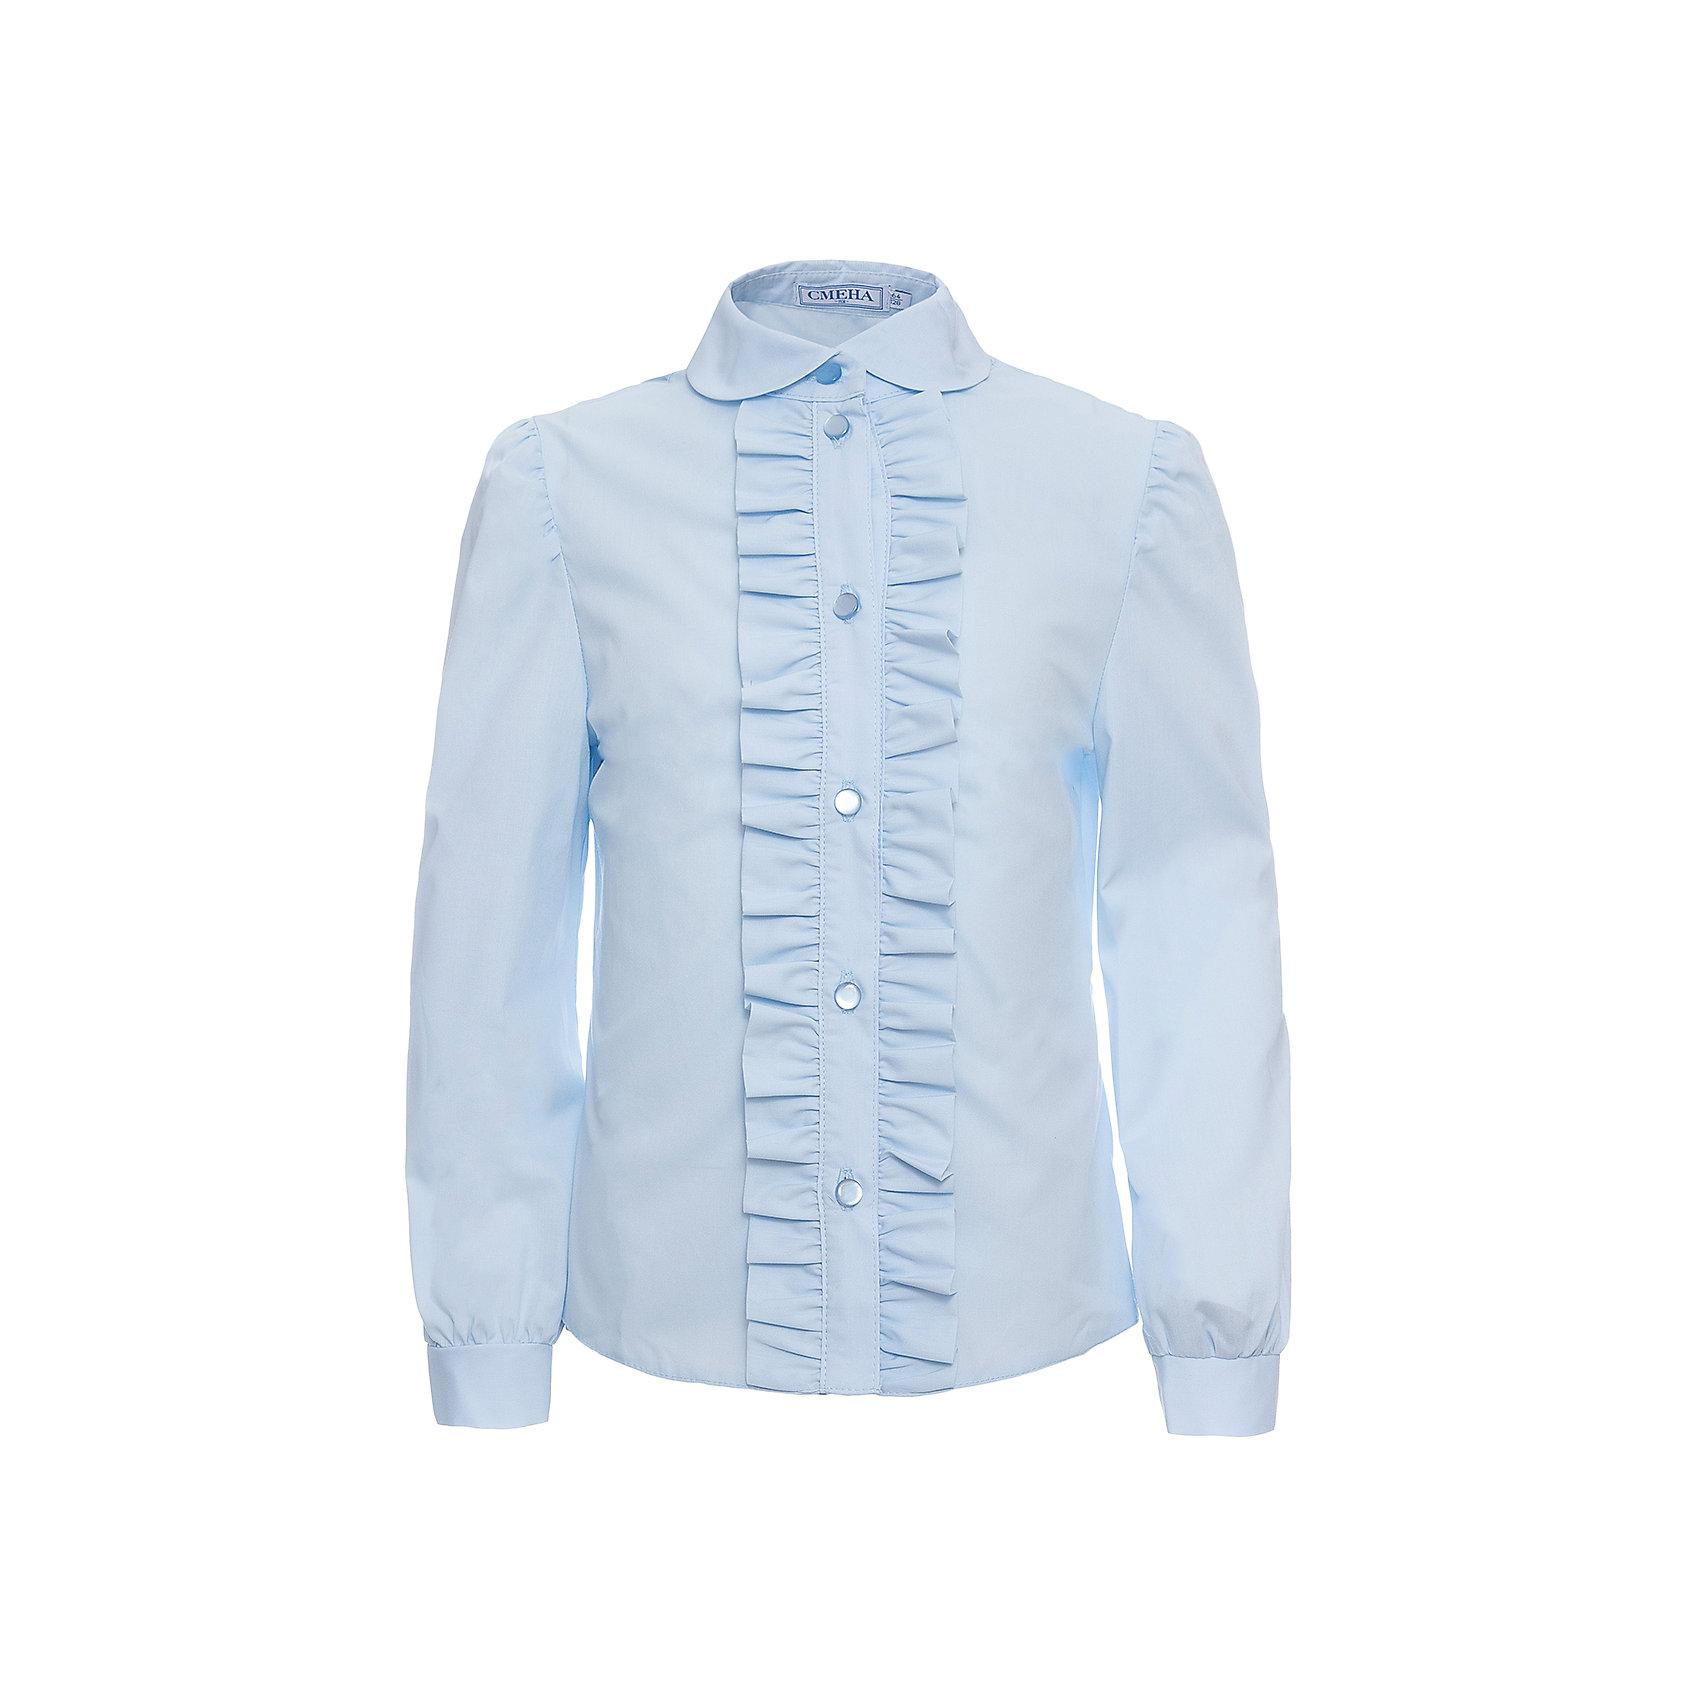 Блузка Смена для девочкиБлузки и рубашки<br>Блузка из смесового хлопка полуприлегающего силуэта с  закруглённым отложным воротником и  длинными втачными рукавами, присборенными у плеча и манжета. Блуза дополнена оборками вдоль планки. <br>Состав:<br>60% Хлопок,40% Полиэстер.<br><br>Ширина мм: 186<br>Глубина мм: 87<br>Высота мм: 198<br>Вес г: 197<br>Цвет: голубой<br>Возраст от месяцев: 144<br>Возраст до месяцев: 156<br>Пол: Женский<br>Возраст: Детский<br>Размер: 158,146,140,128,122,152,134,164<br>SKU: 6982853